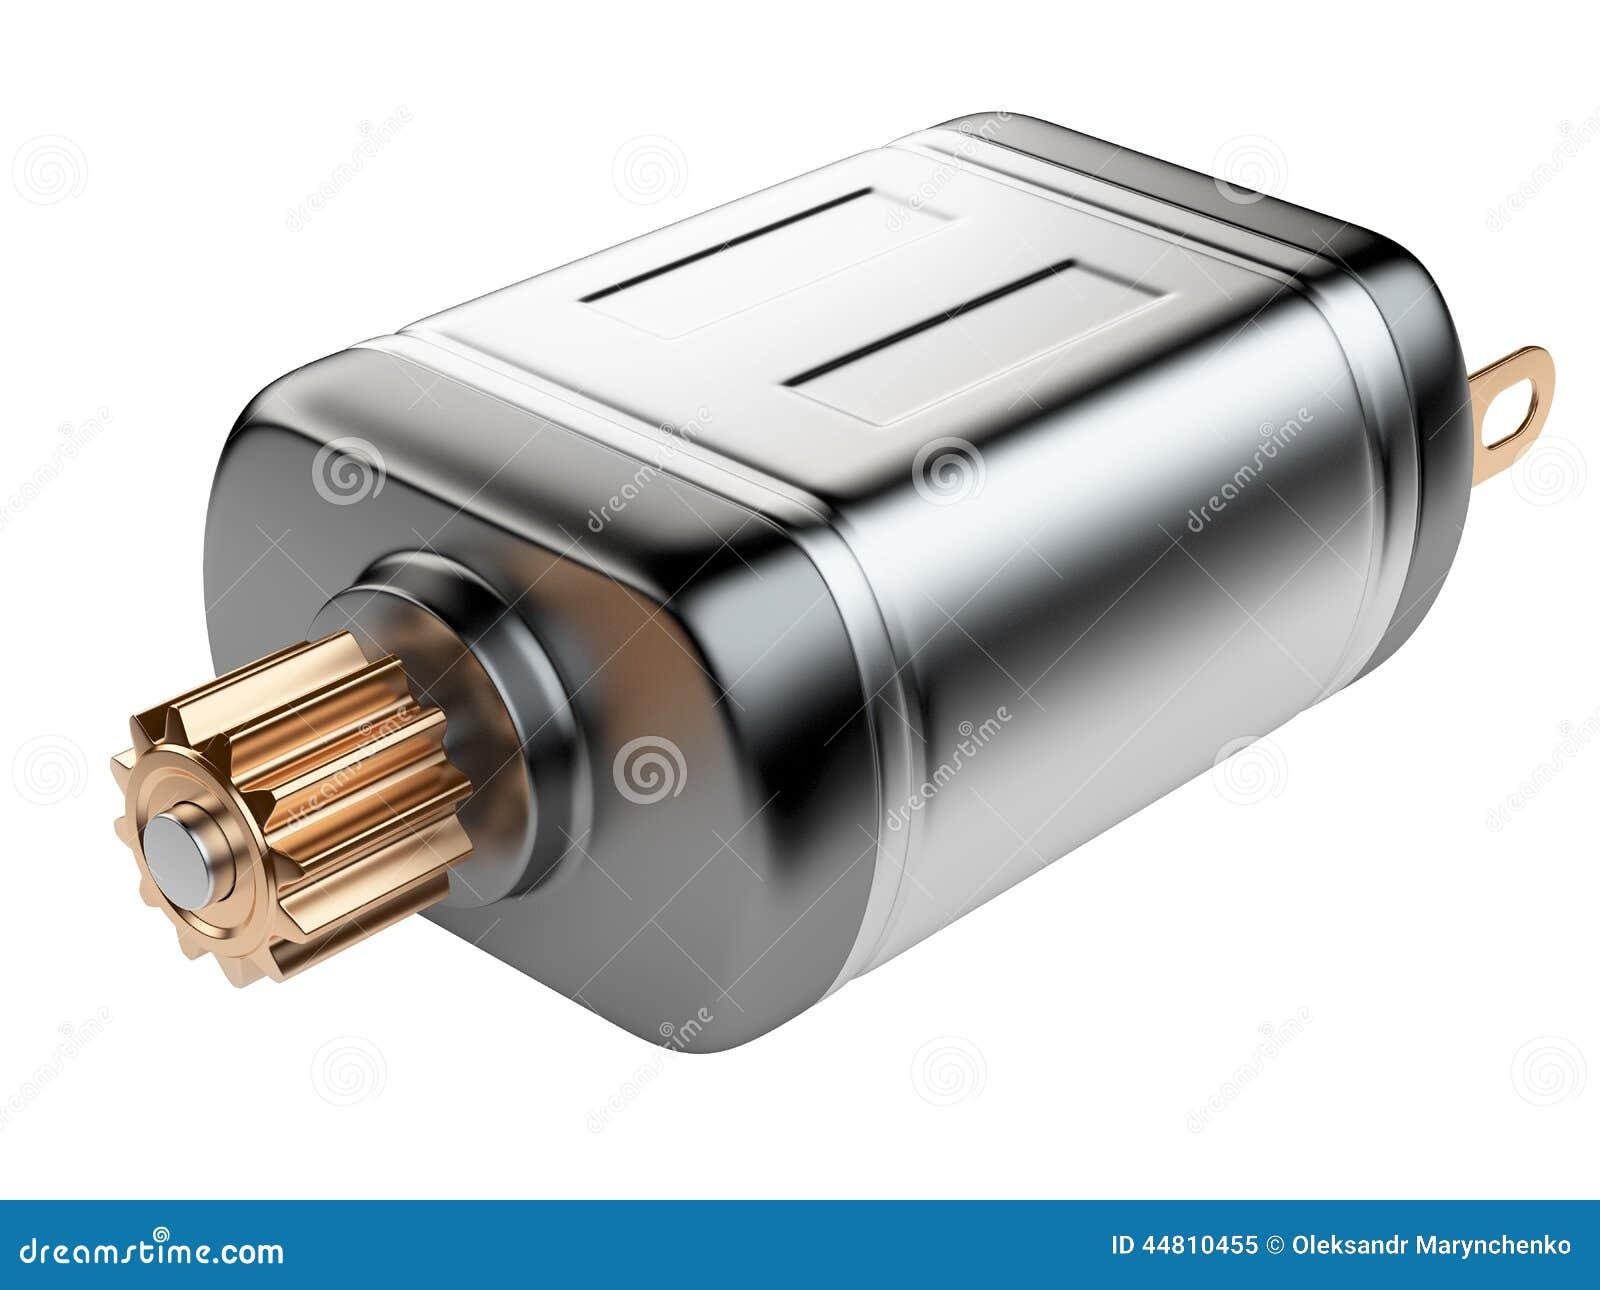 Mini Electrical Motor